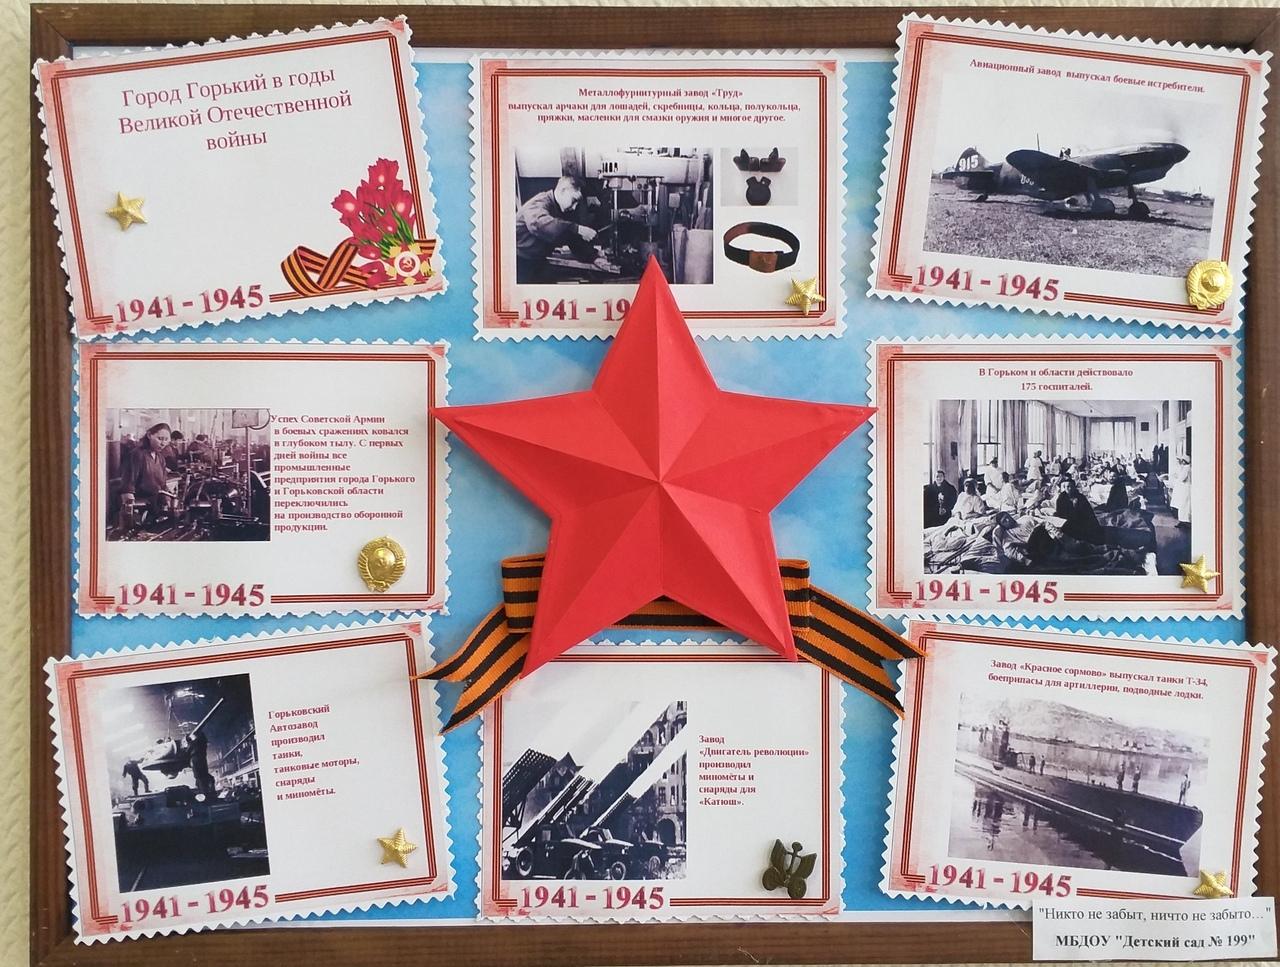 выставка приурочена к 75-ой годовщине Победы в Великой Отечественной войне.